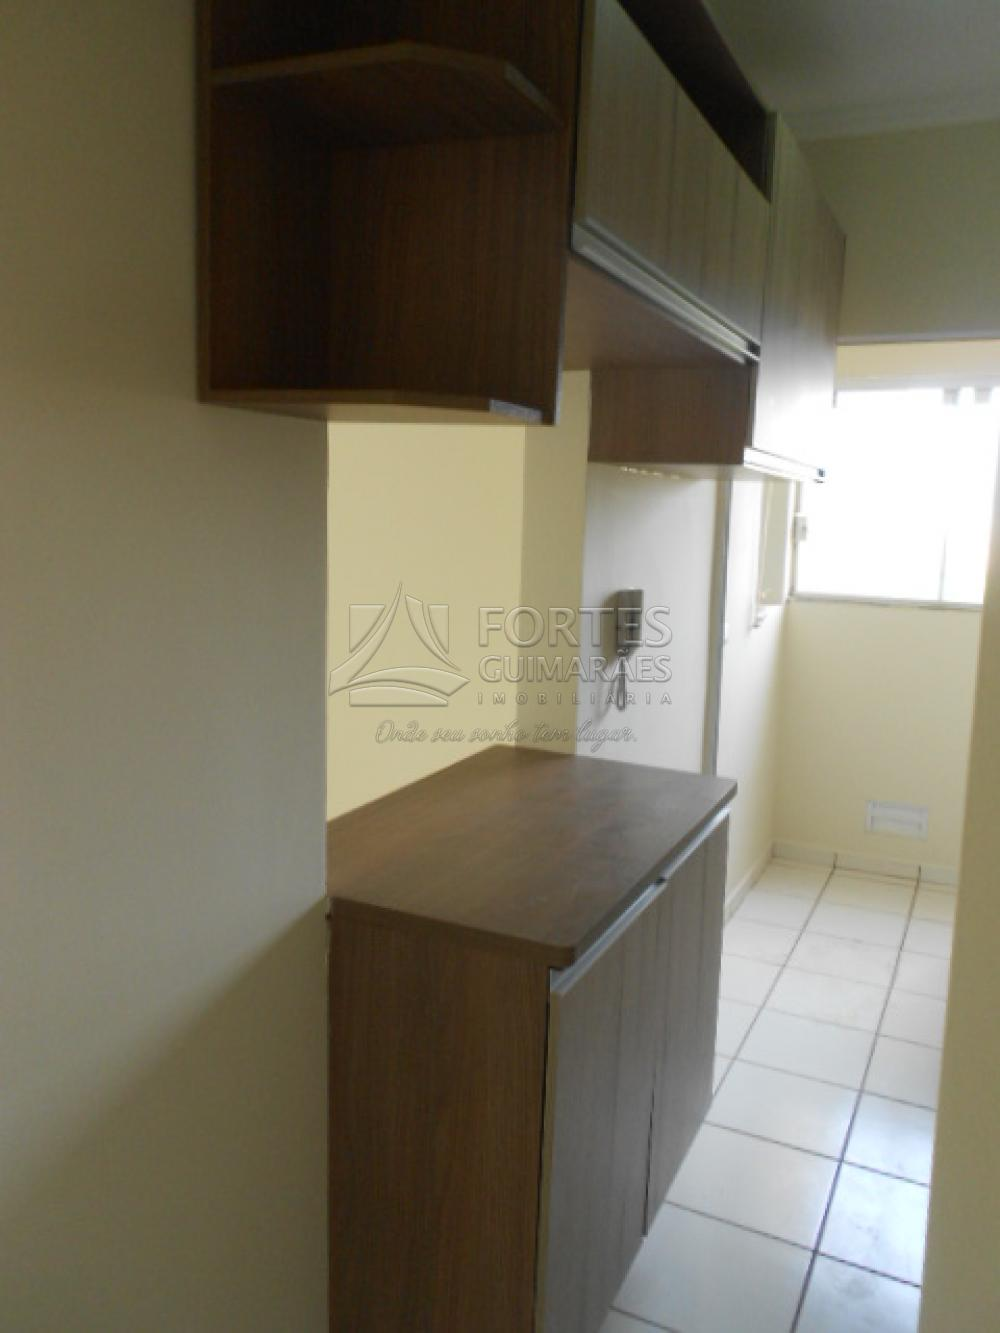 Alugar Apartamentos / Padrão em Ribeirão Preto apenas R$ 1.200,00 - Foto 29